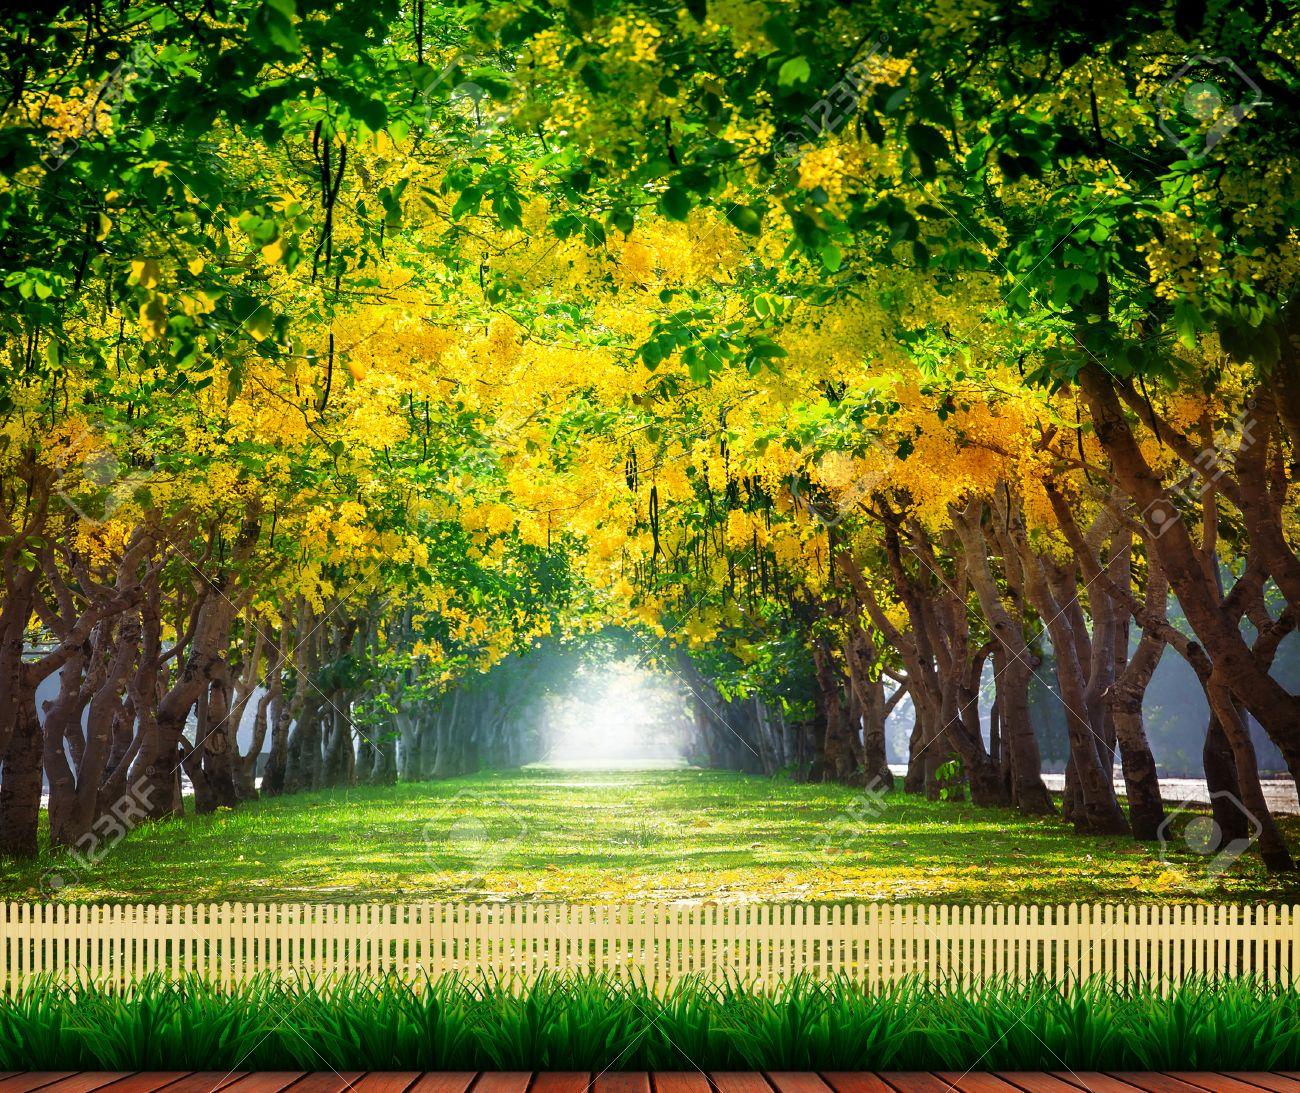 Terraza De Madera Con Fresco Y Verde Hermoso Del Verano Florecen Las Flores De Color Amarillo Túnel En El Parque Lluvia Dorada Cassia Fístula La